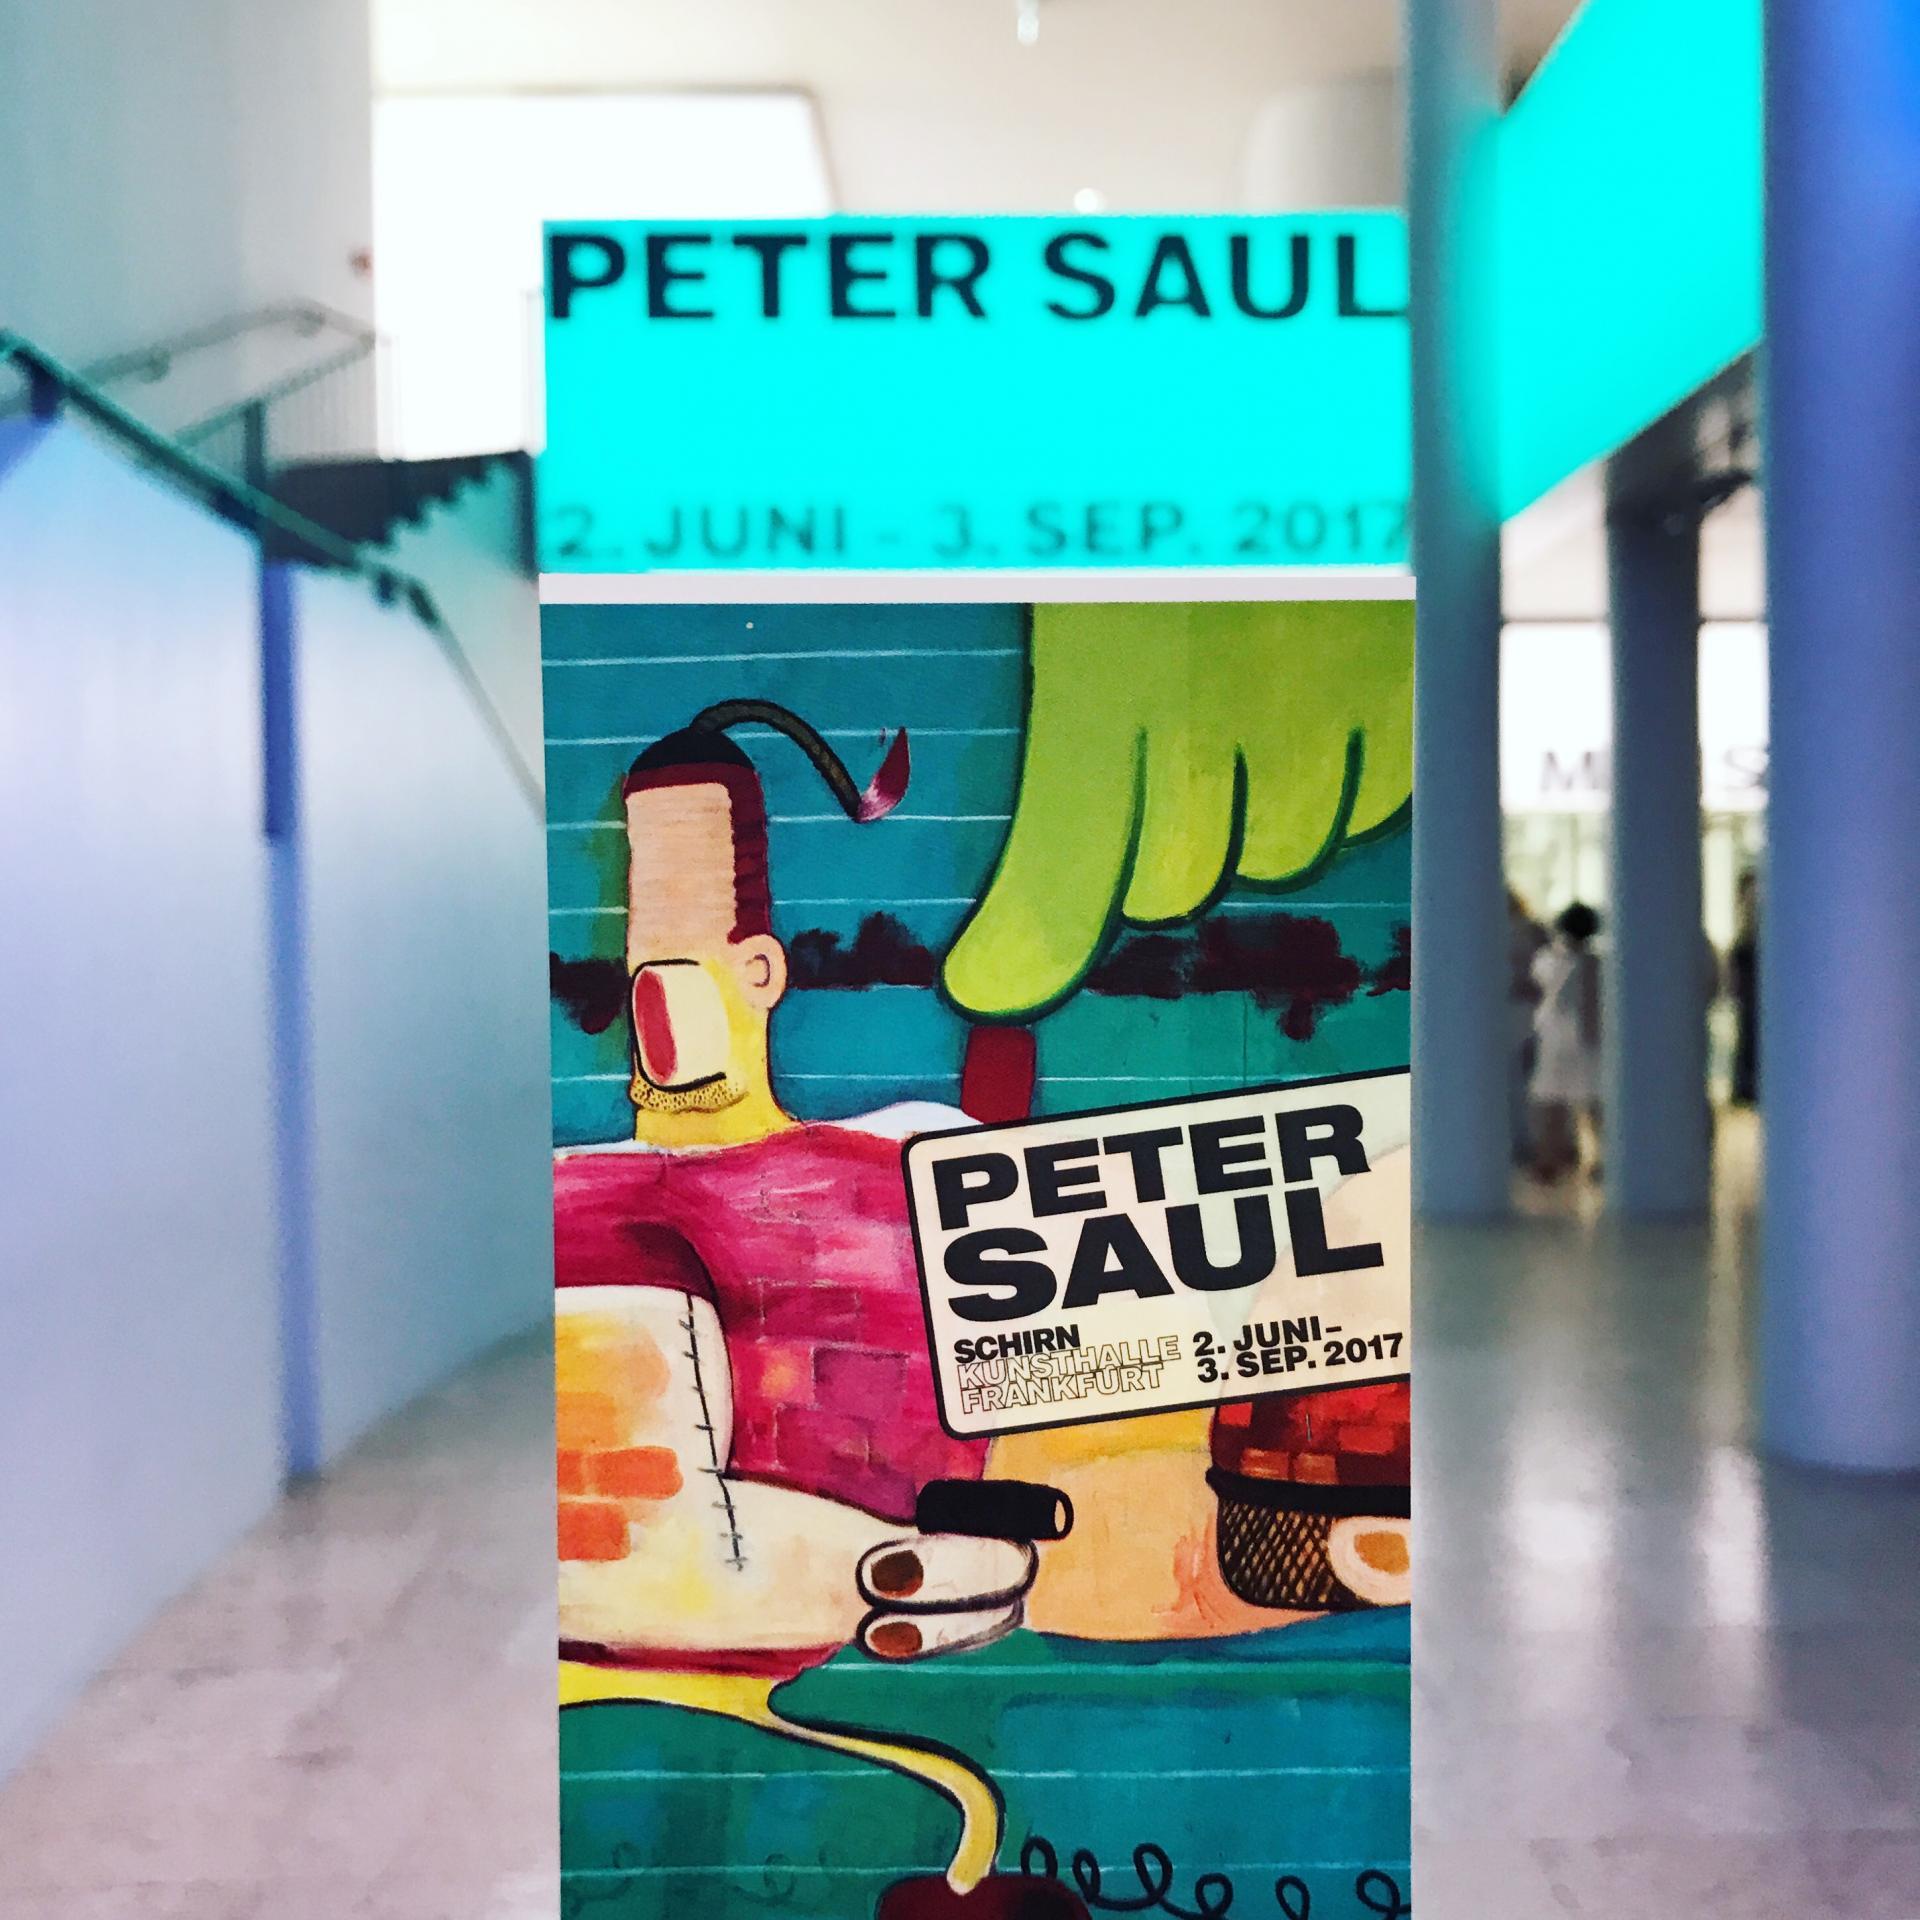 Peter Saul #SCHIRNMEETUP